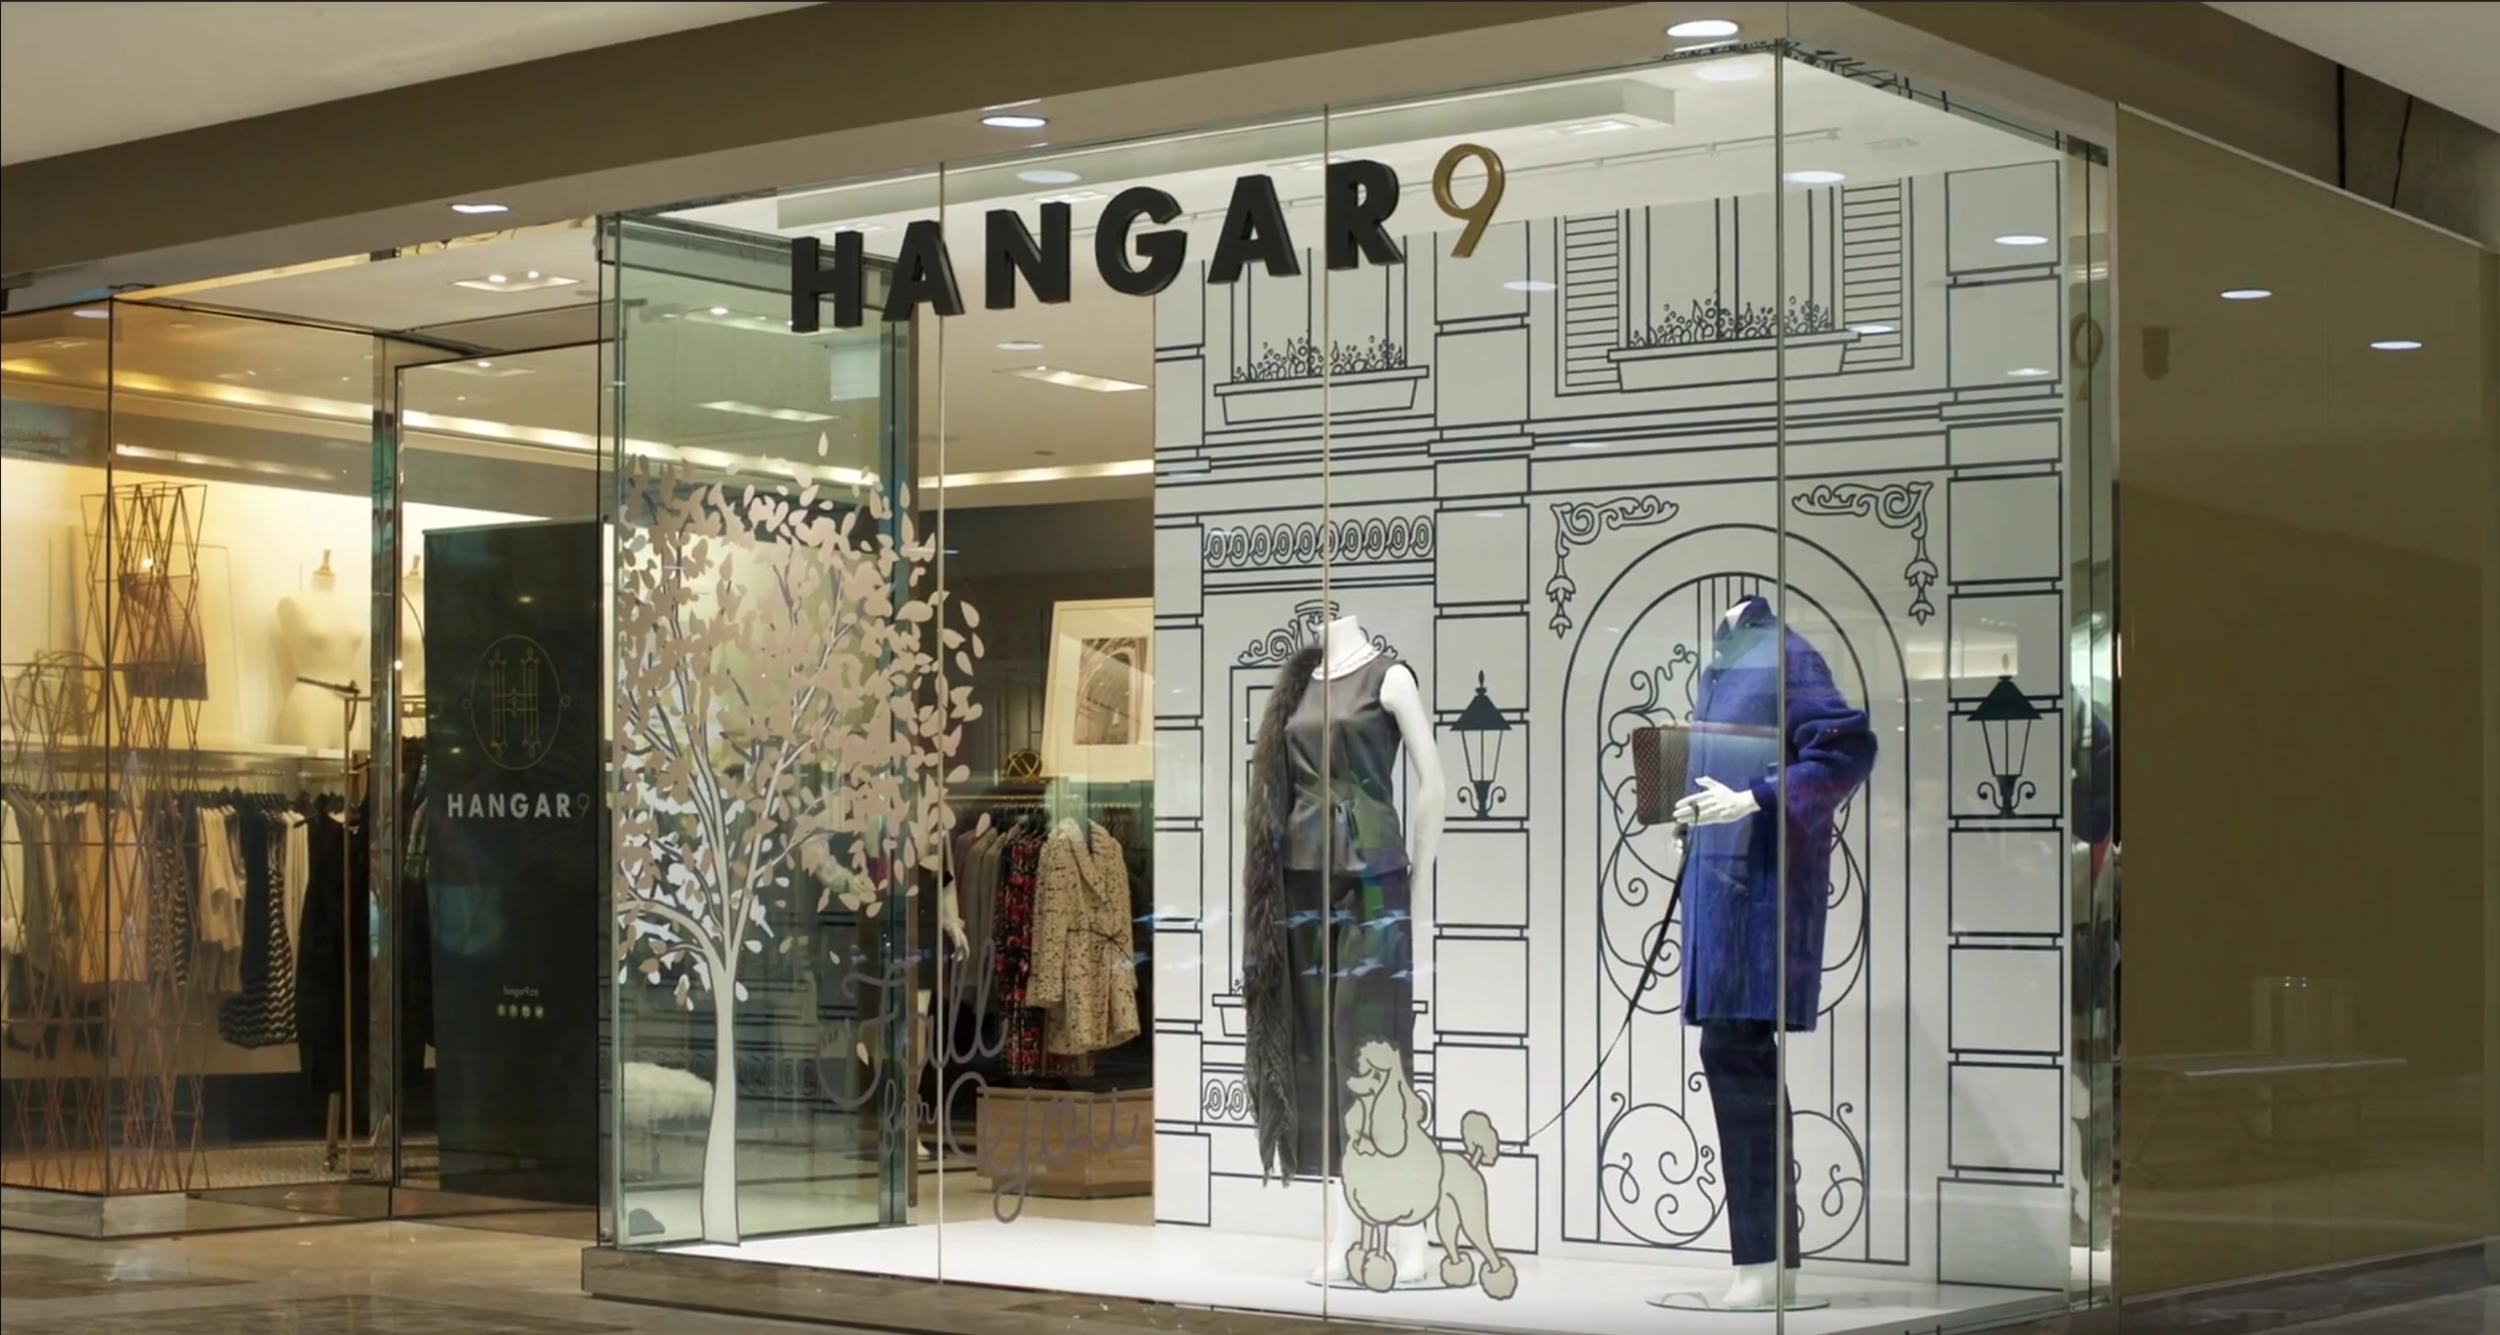 Hangar9 Store.png